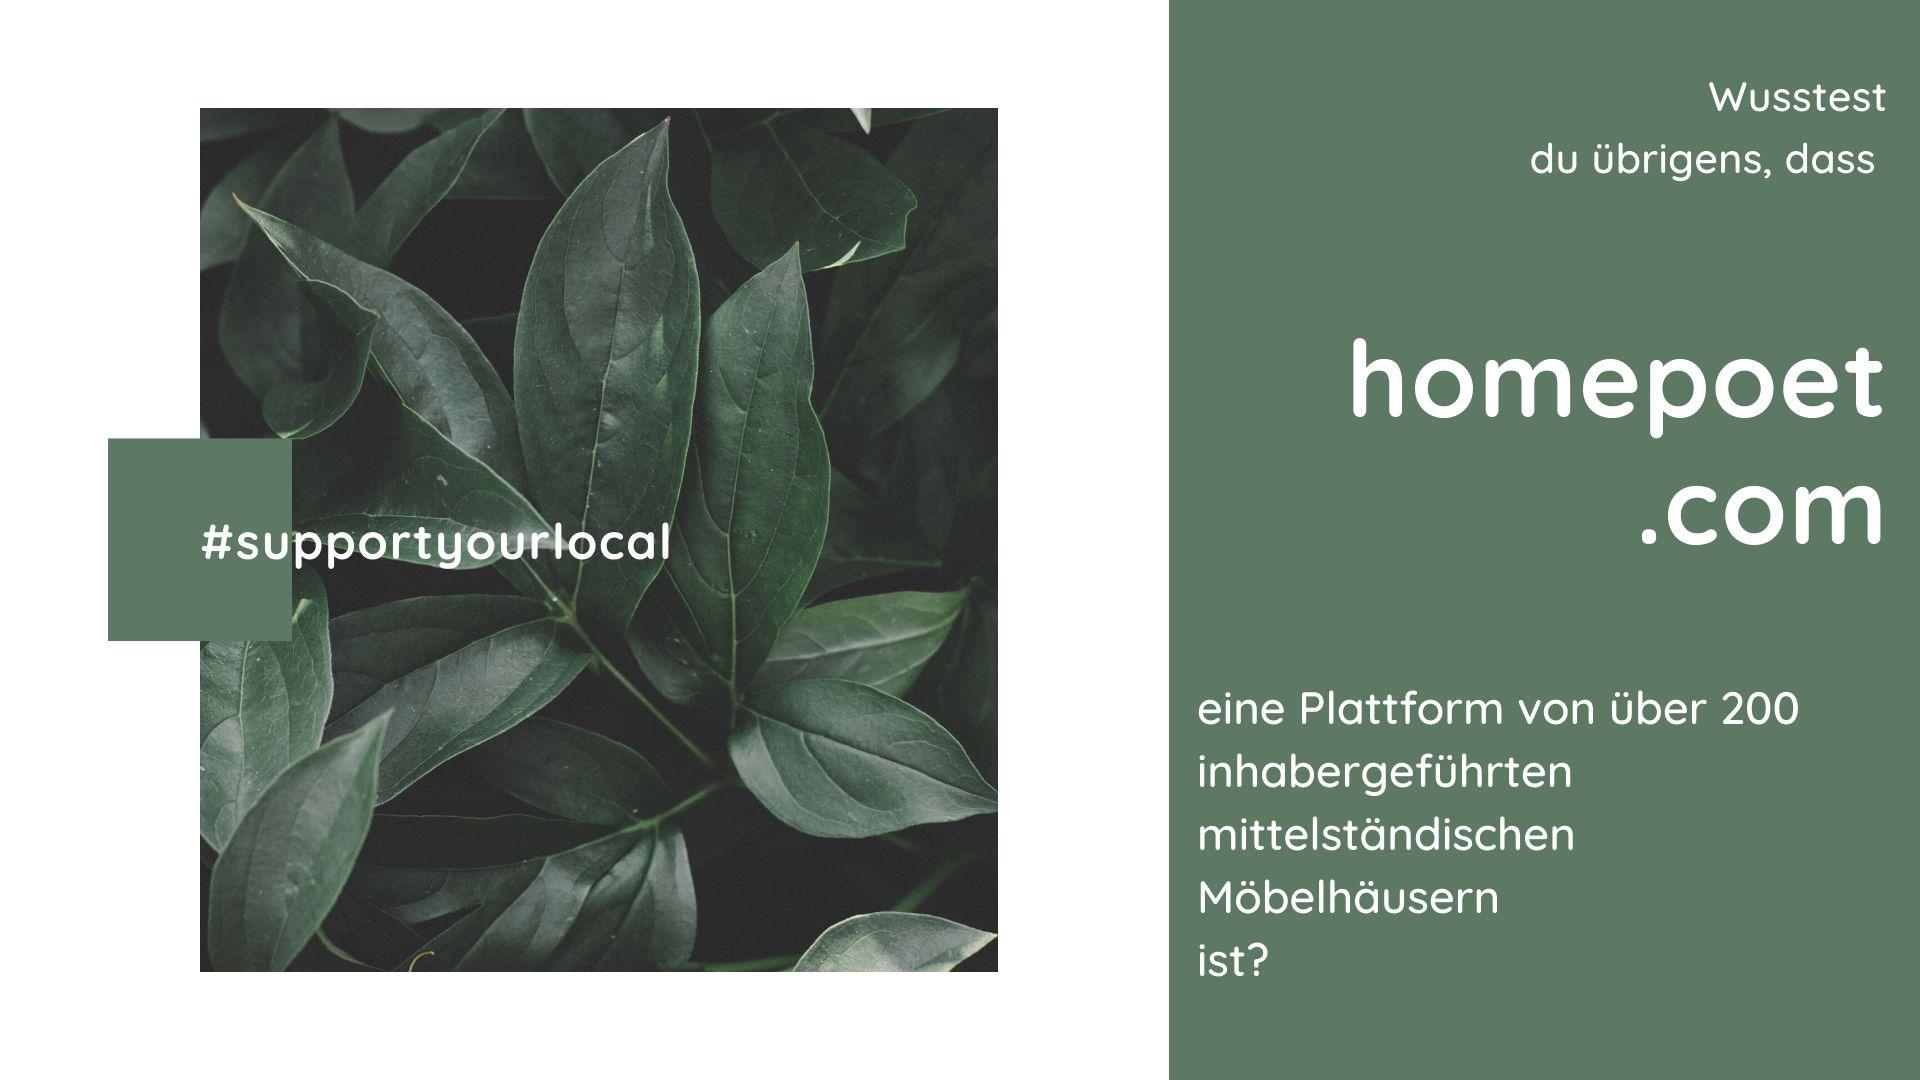 Gruene Pflanze mit Aufschrift support your local